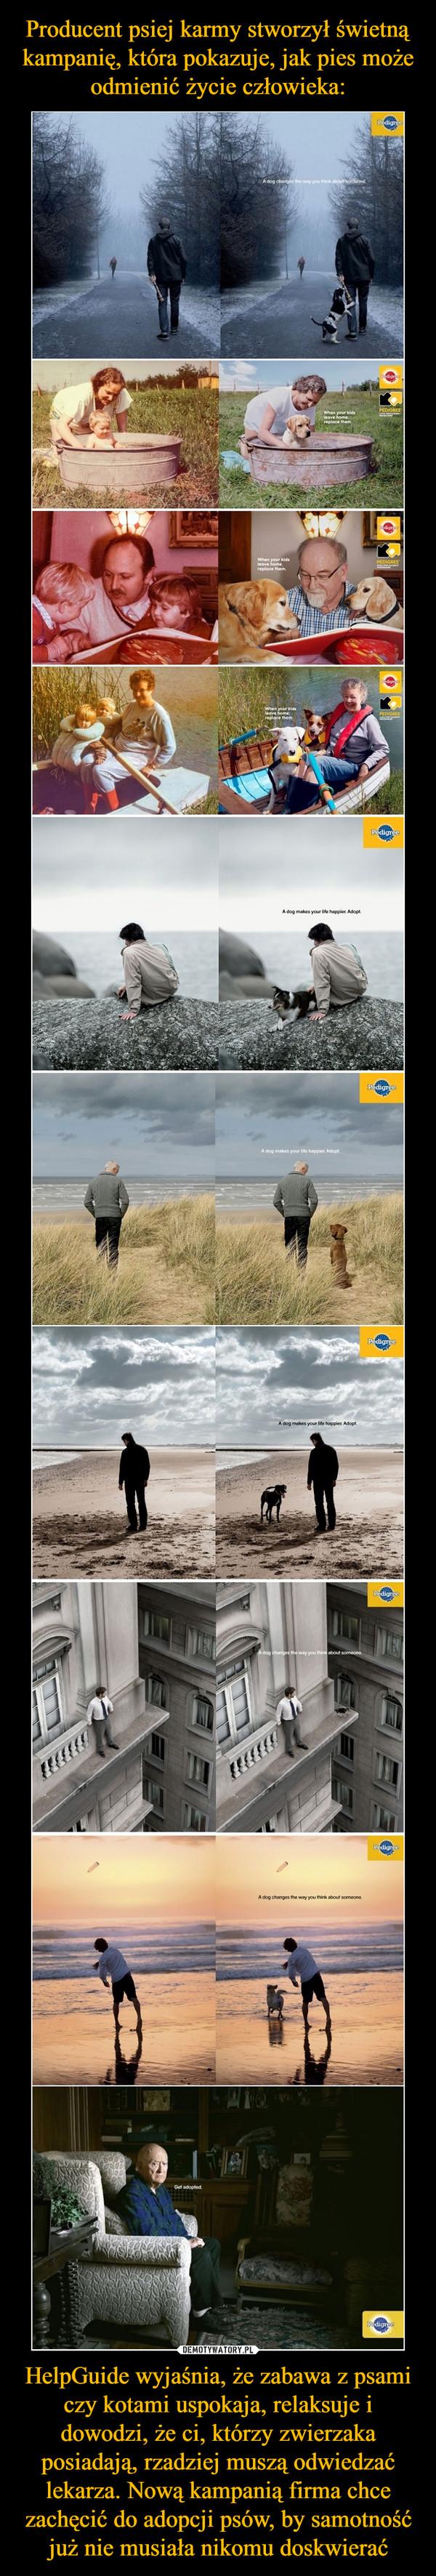 Producent psiej karmy stworzył świetną kampanię, która pokazuje, jak pies może odmienić życie człowieka: HelpGuide wyjaśnia, że zabawa z psami czy kotami uspokaja, relaksuje i dowodzi, że ci, którzy zwierzaka posiadają, rzadziej muszą odwiedzać lekarza. Nową kampanią firma chce zachęcić do adopcji psów, by samotność już nie musiała nikomu doskwierać